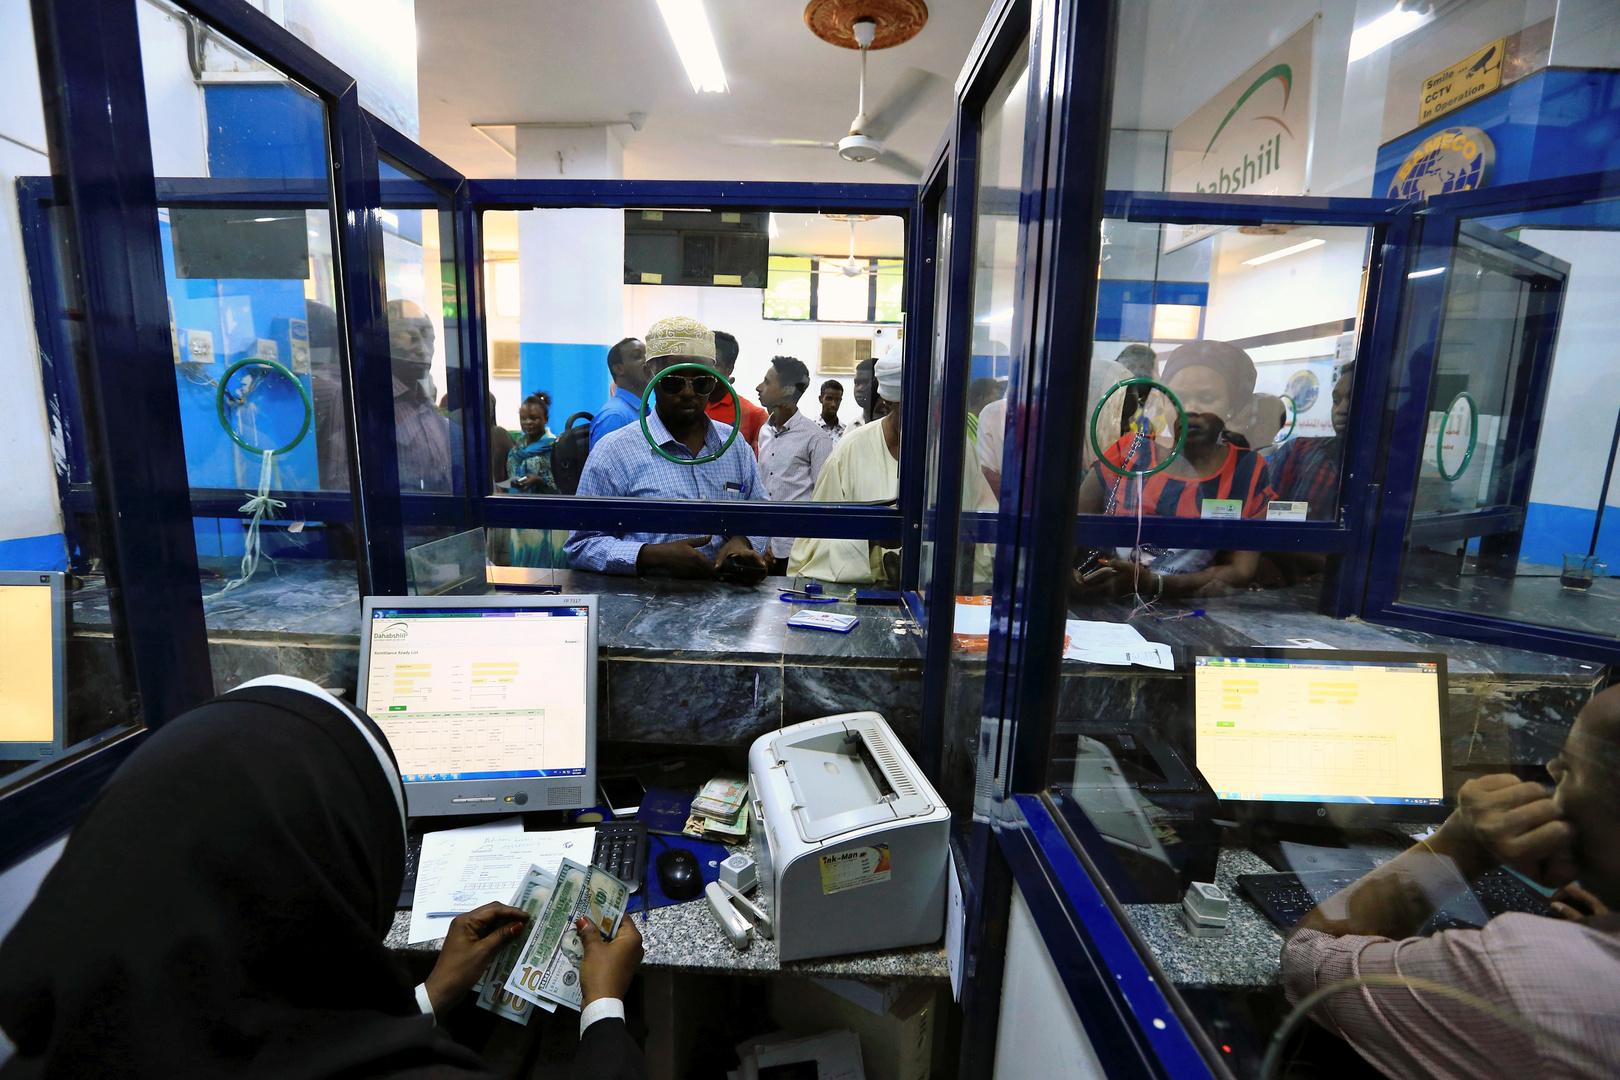 أمينة صندوق في مكتب تحويل أموال في الخرطوم بالسودان